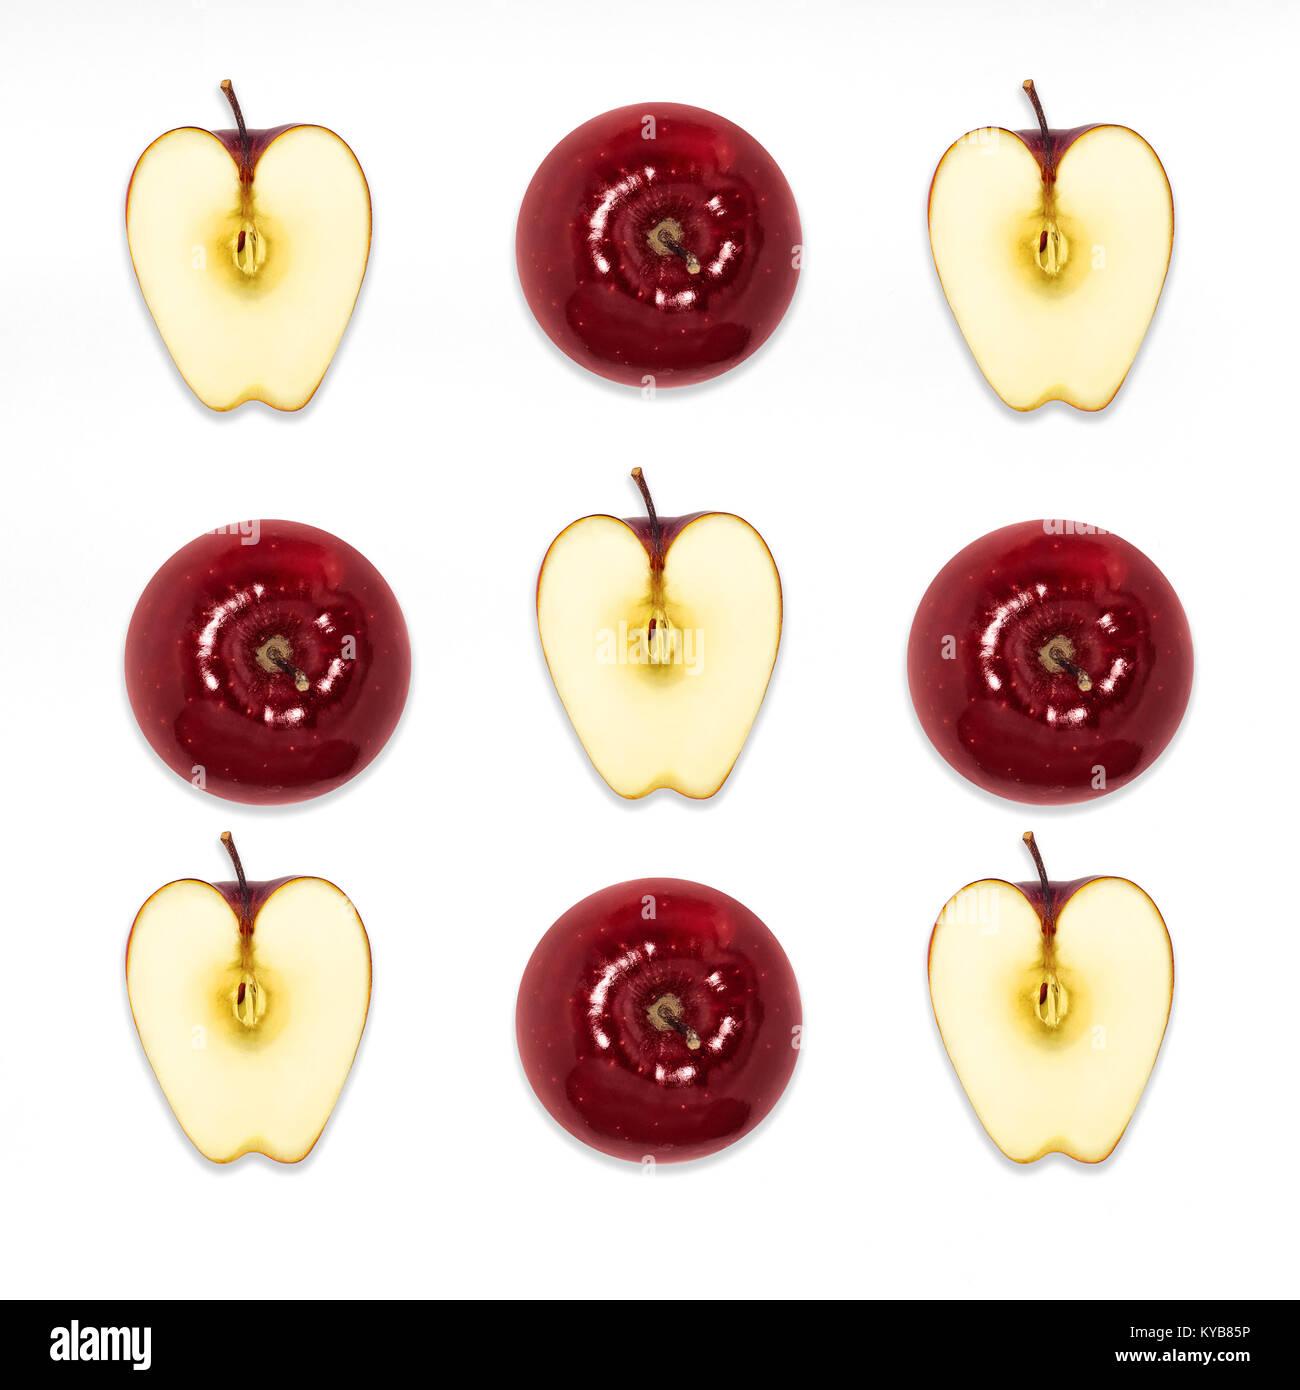 Vista superior de la manzana roja de toda la trama con jugosas manzanas rojas y mitades de manzanas sobre un fondo Imagen De Stock